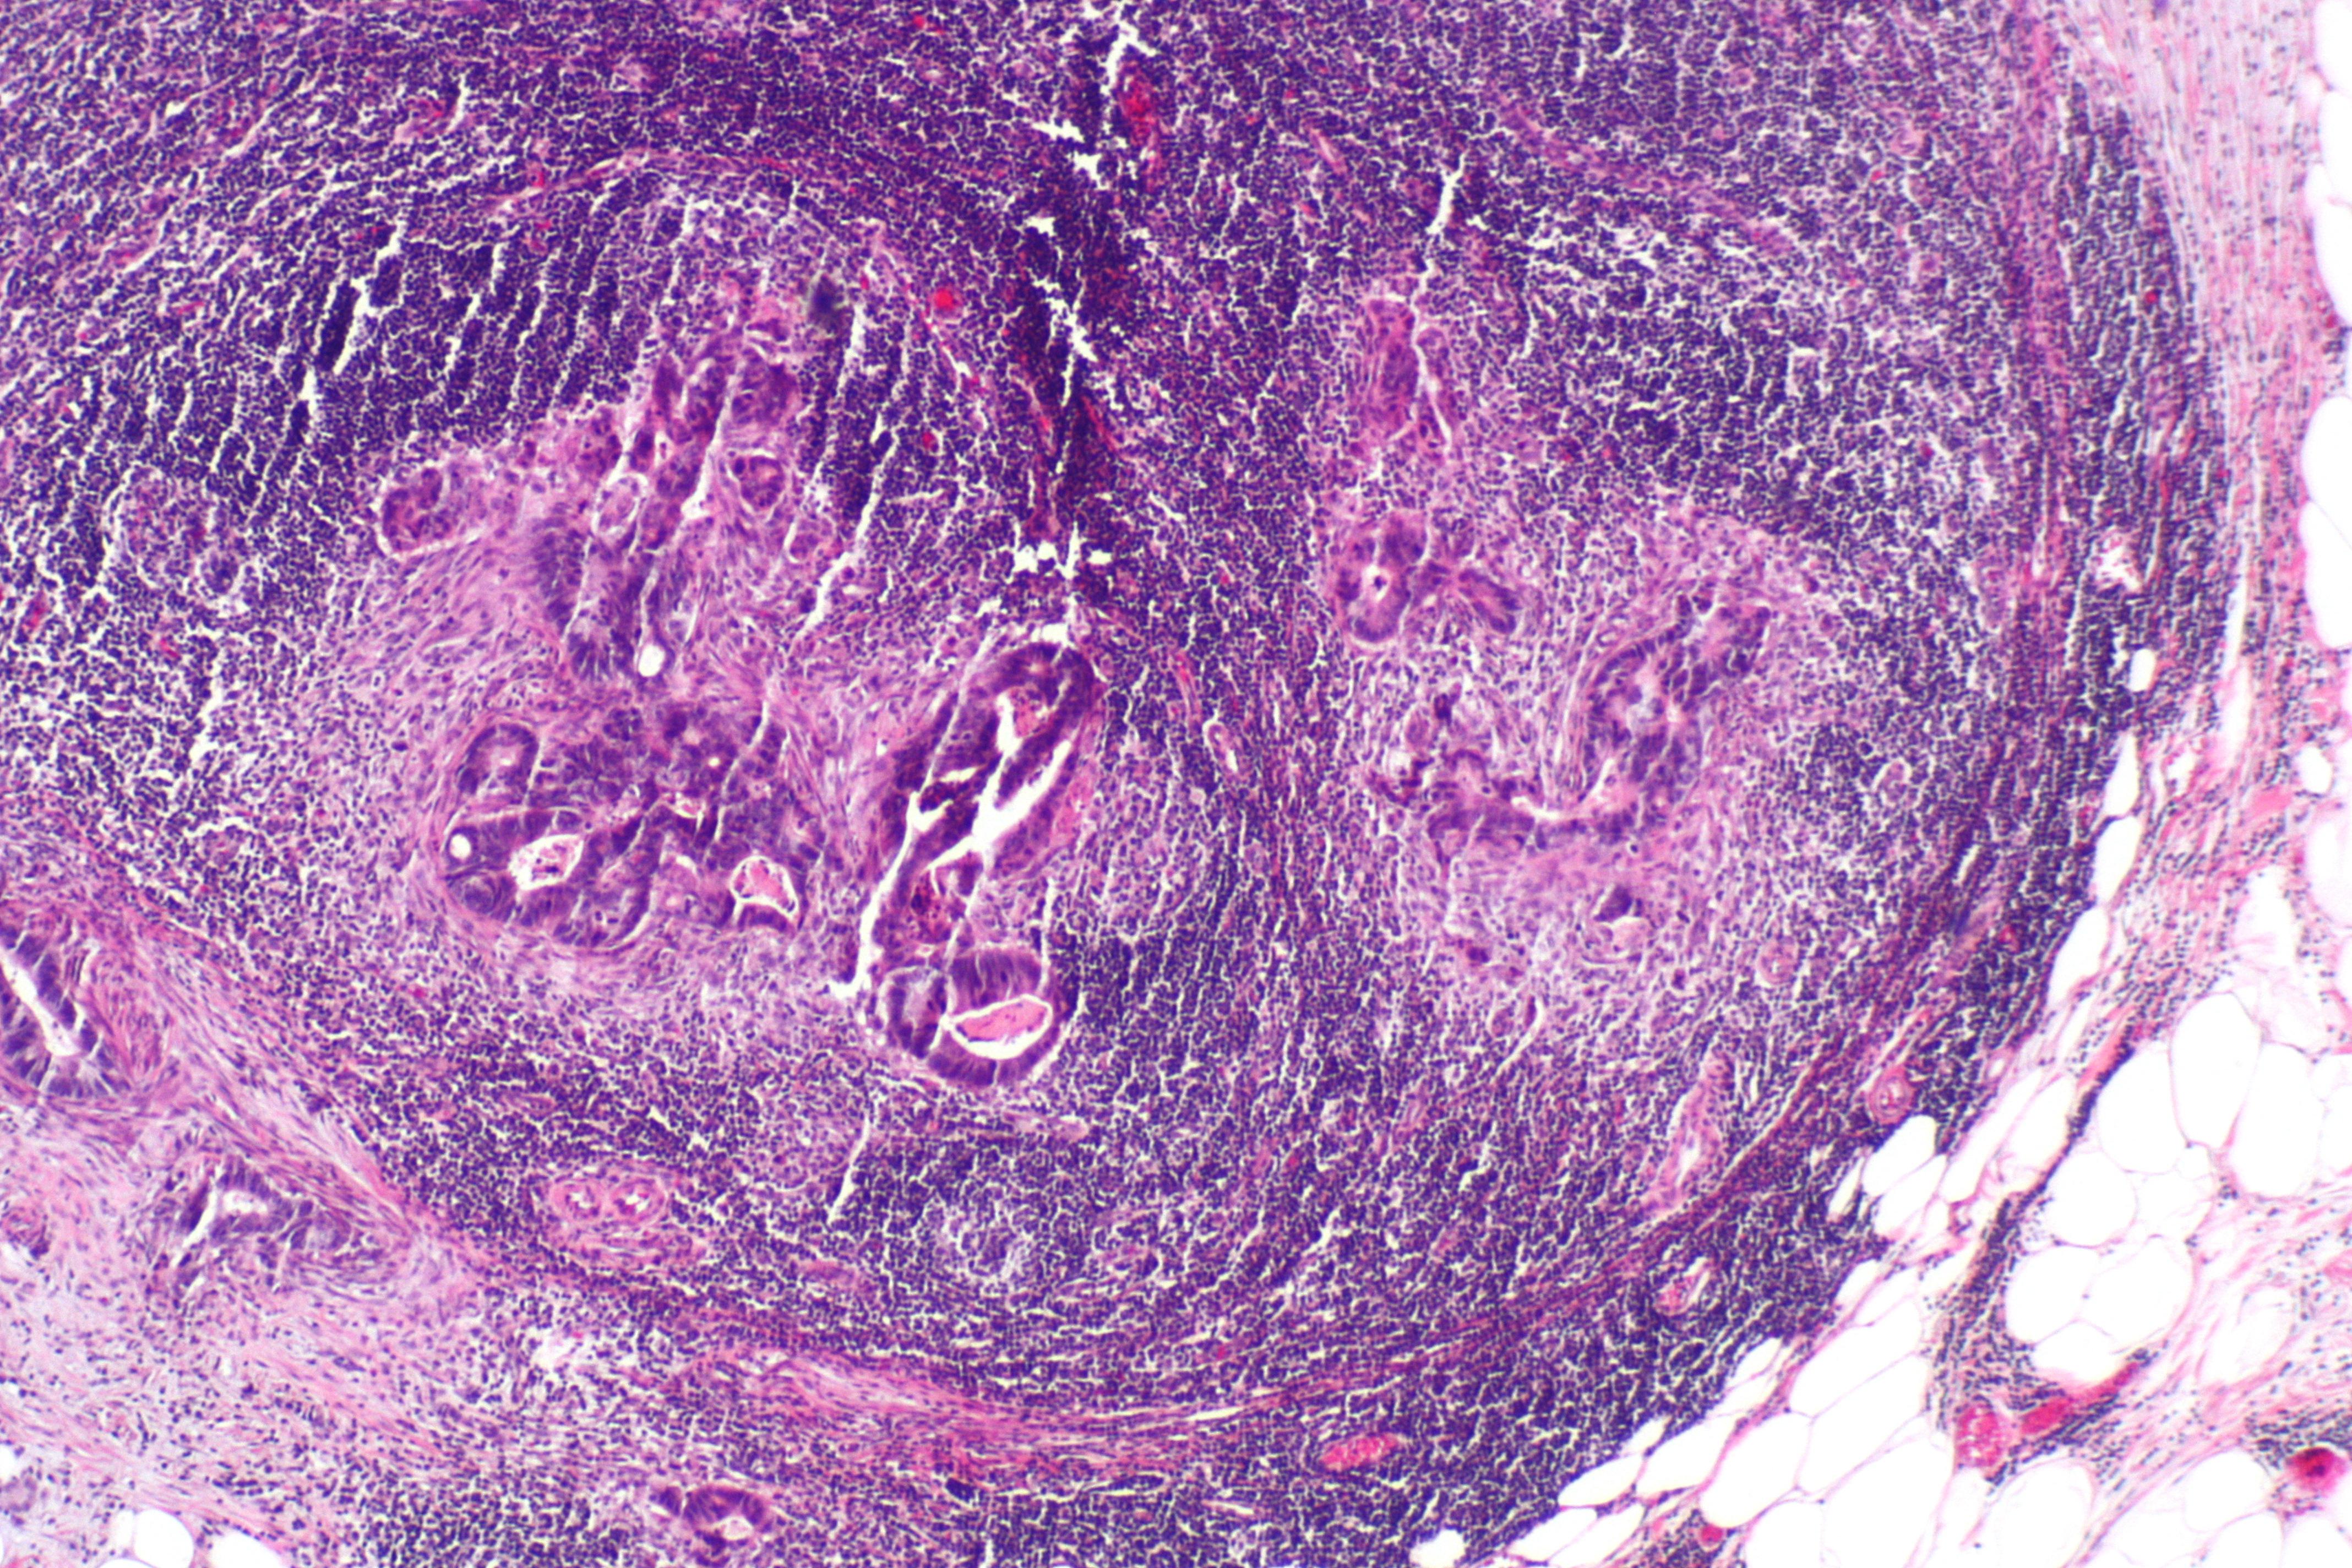 colorectal cancer lymph node metastasis neuroendocrine cancer in bladder